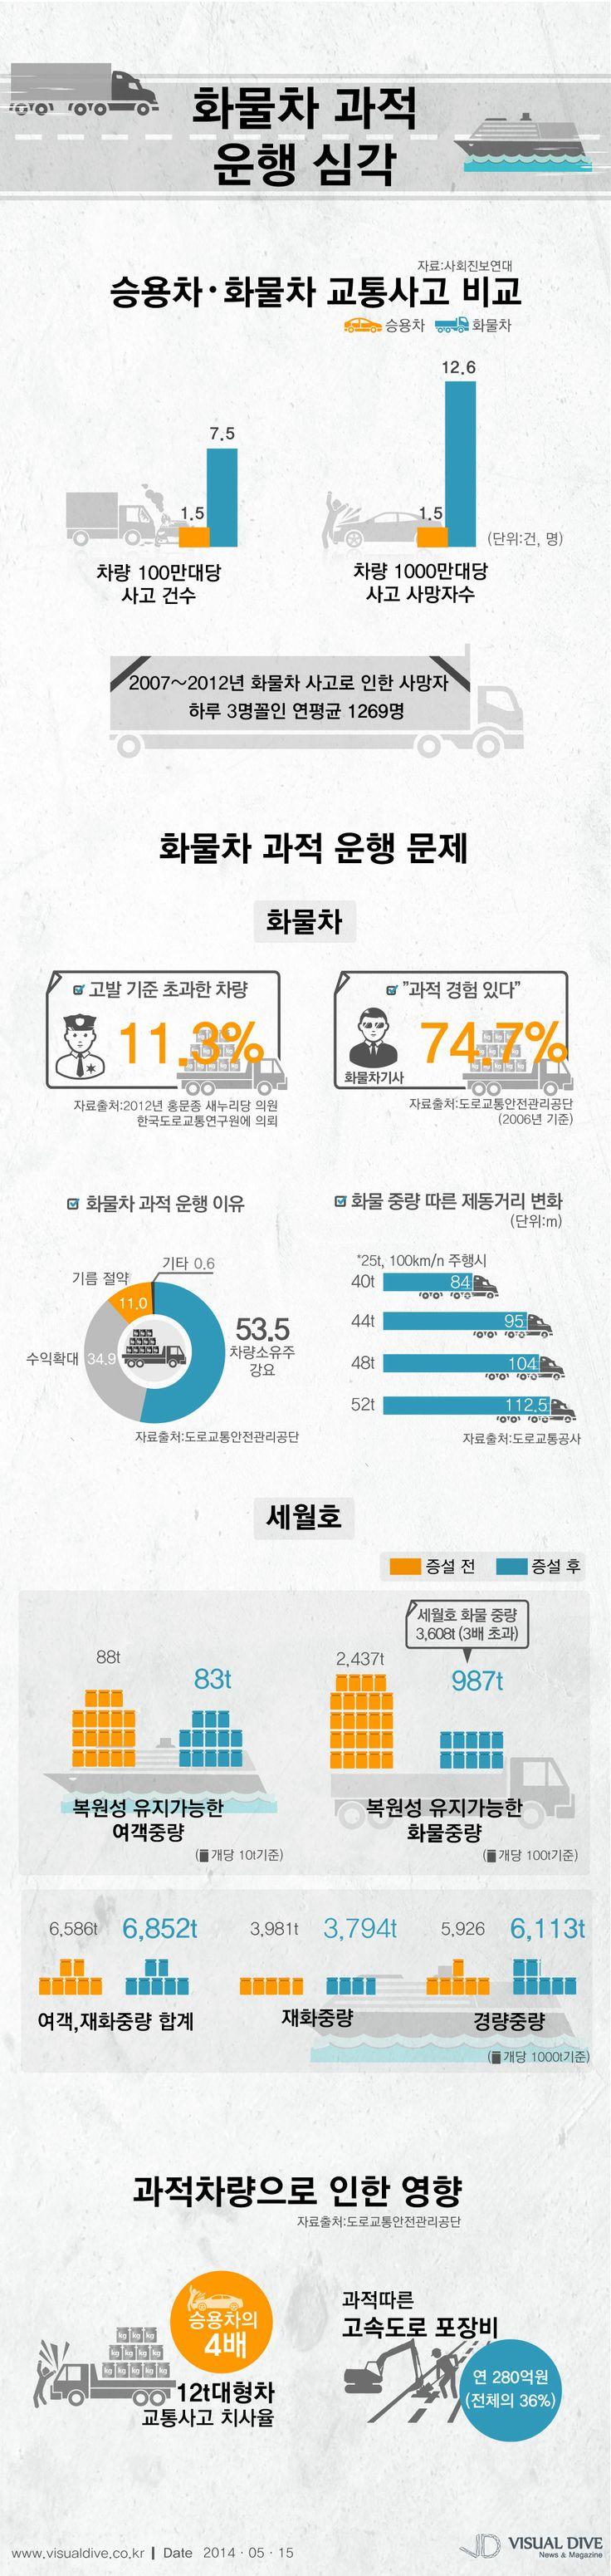 """화물차량 '과적 운행' 문제… 74.7% """"과적 경험 있다"""" [인포그래픽] #car  #Infographic ⓒ 비주얼다이브 무단 복사·전재·재배포"""